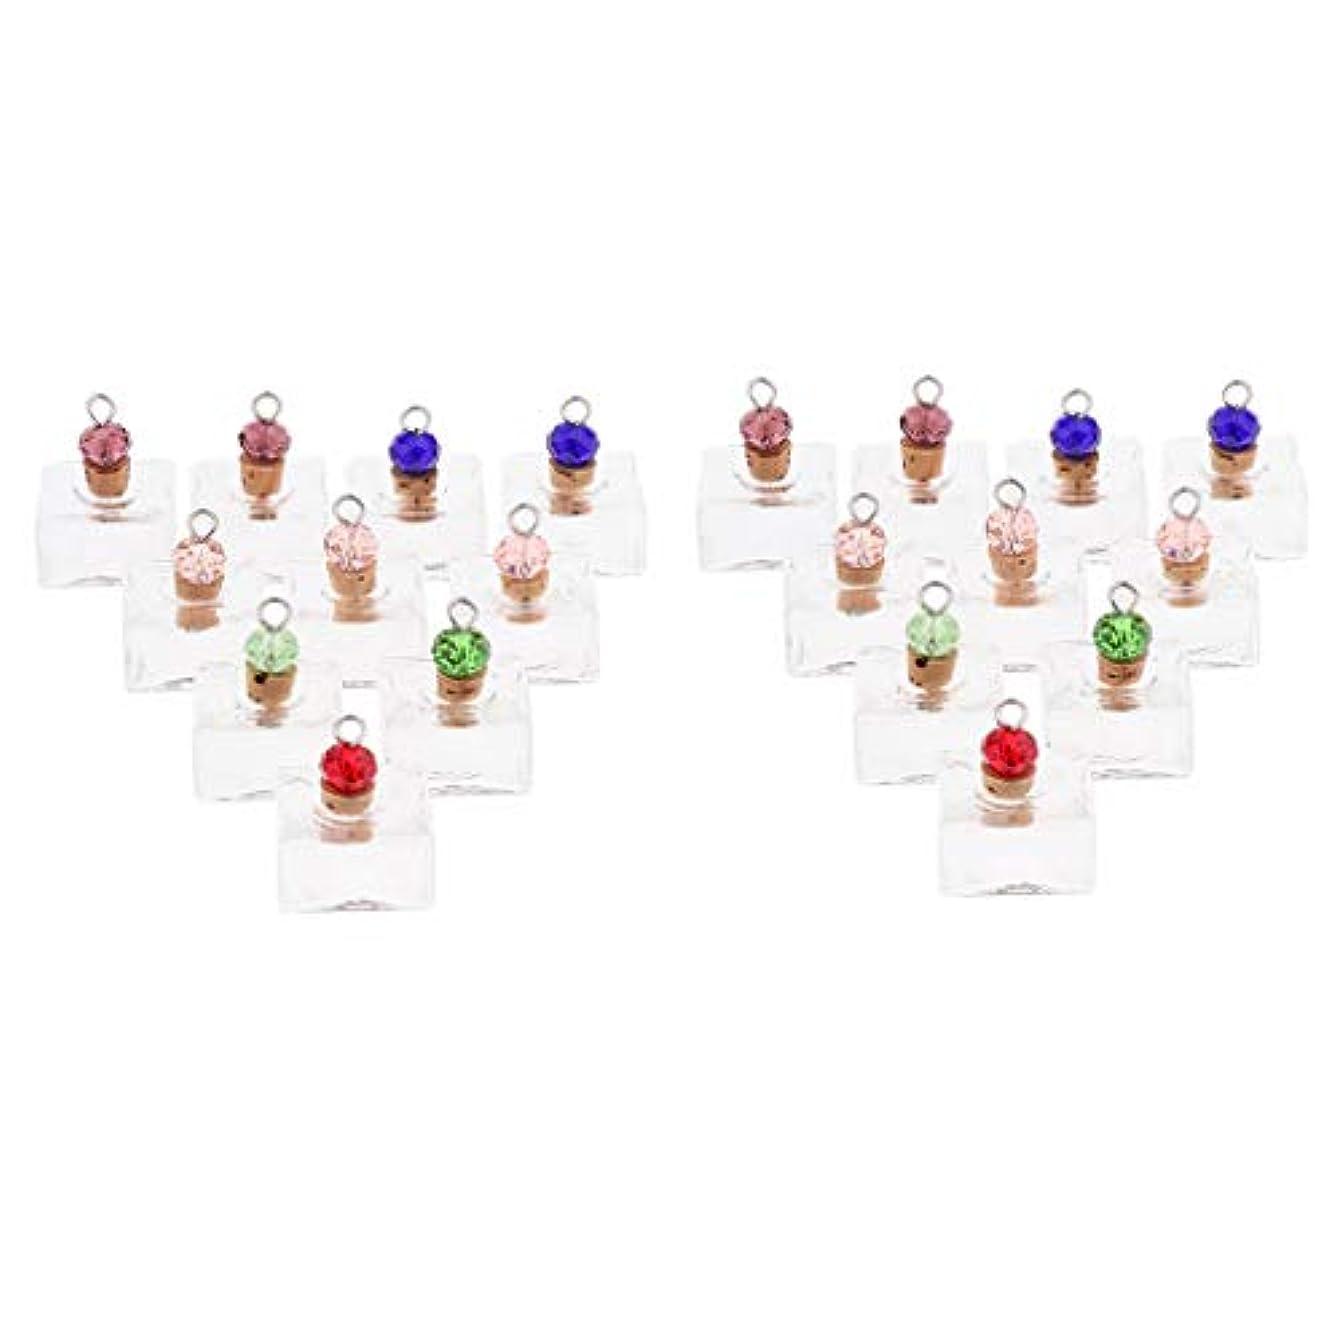 ウェブ保存する動P Prettyia 香水 ペンダント ネックレス アロマ ガラス容器 香水瓶 ボトル エッセンシャルオイル